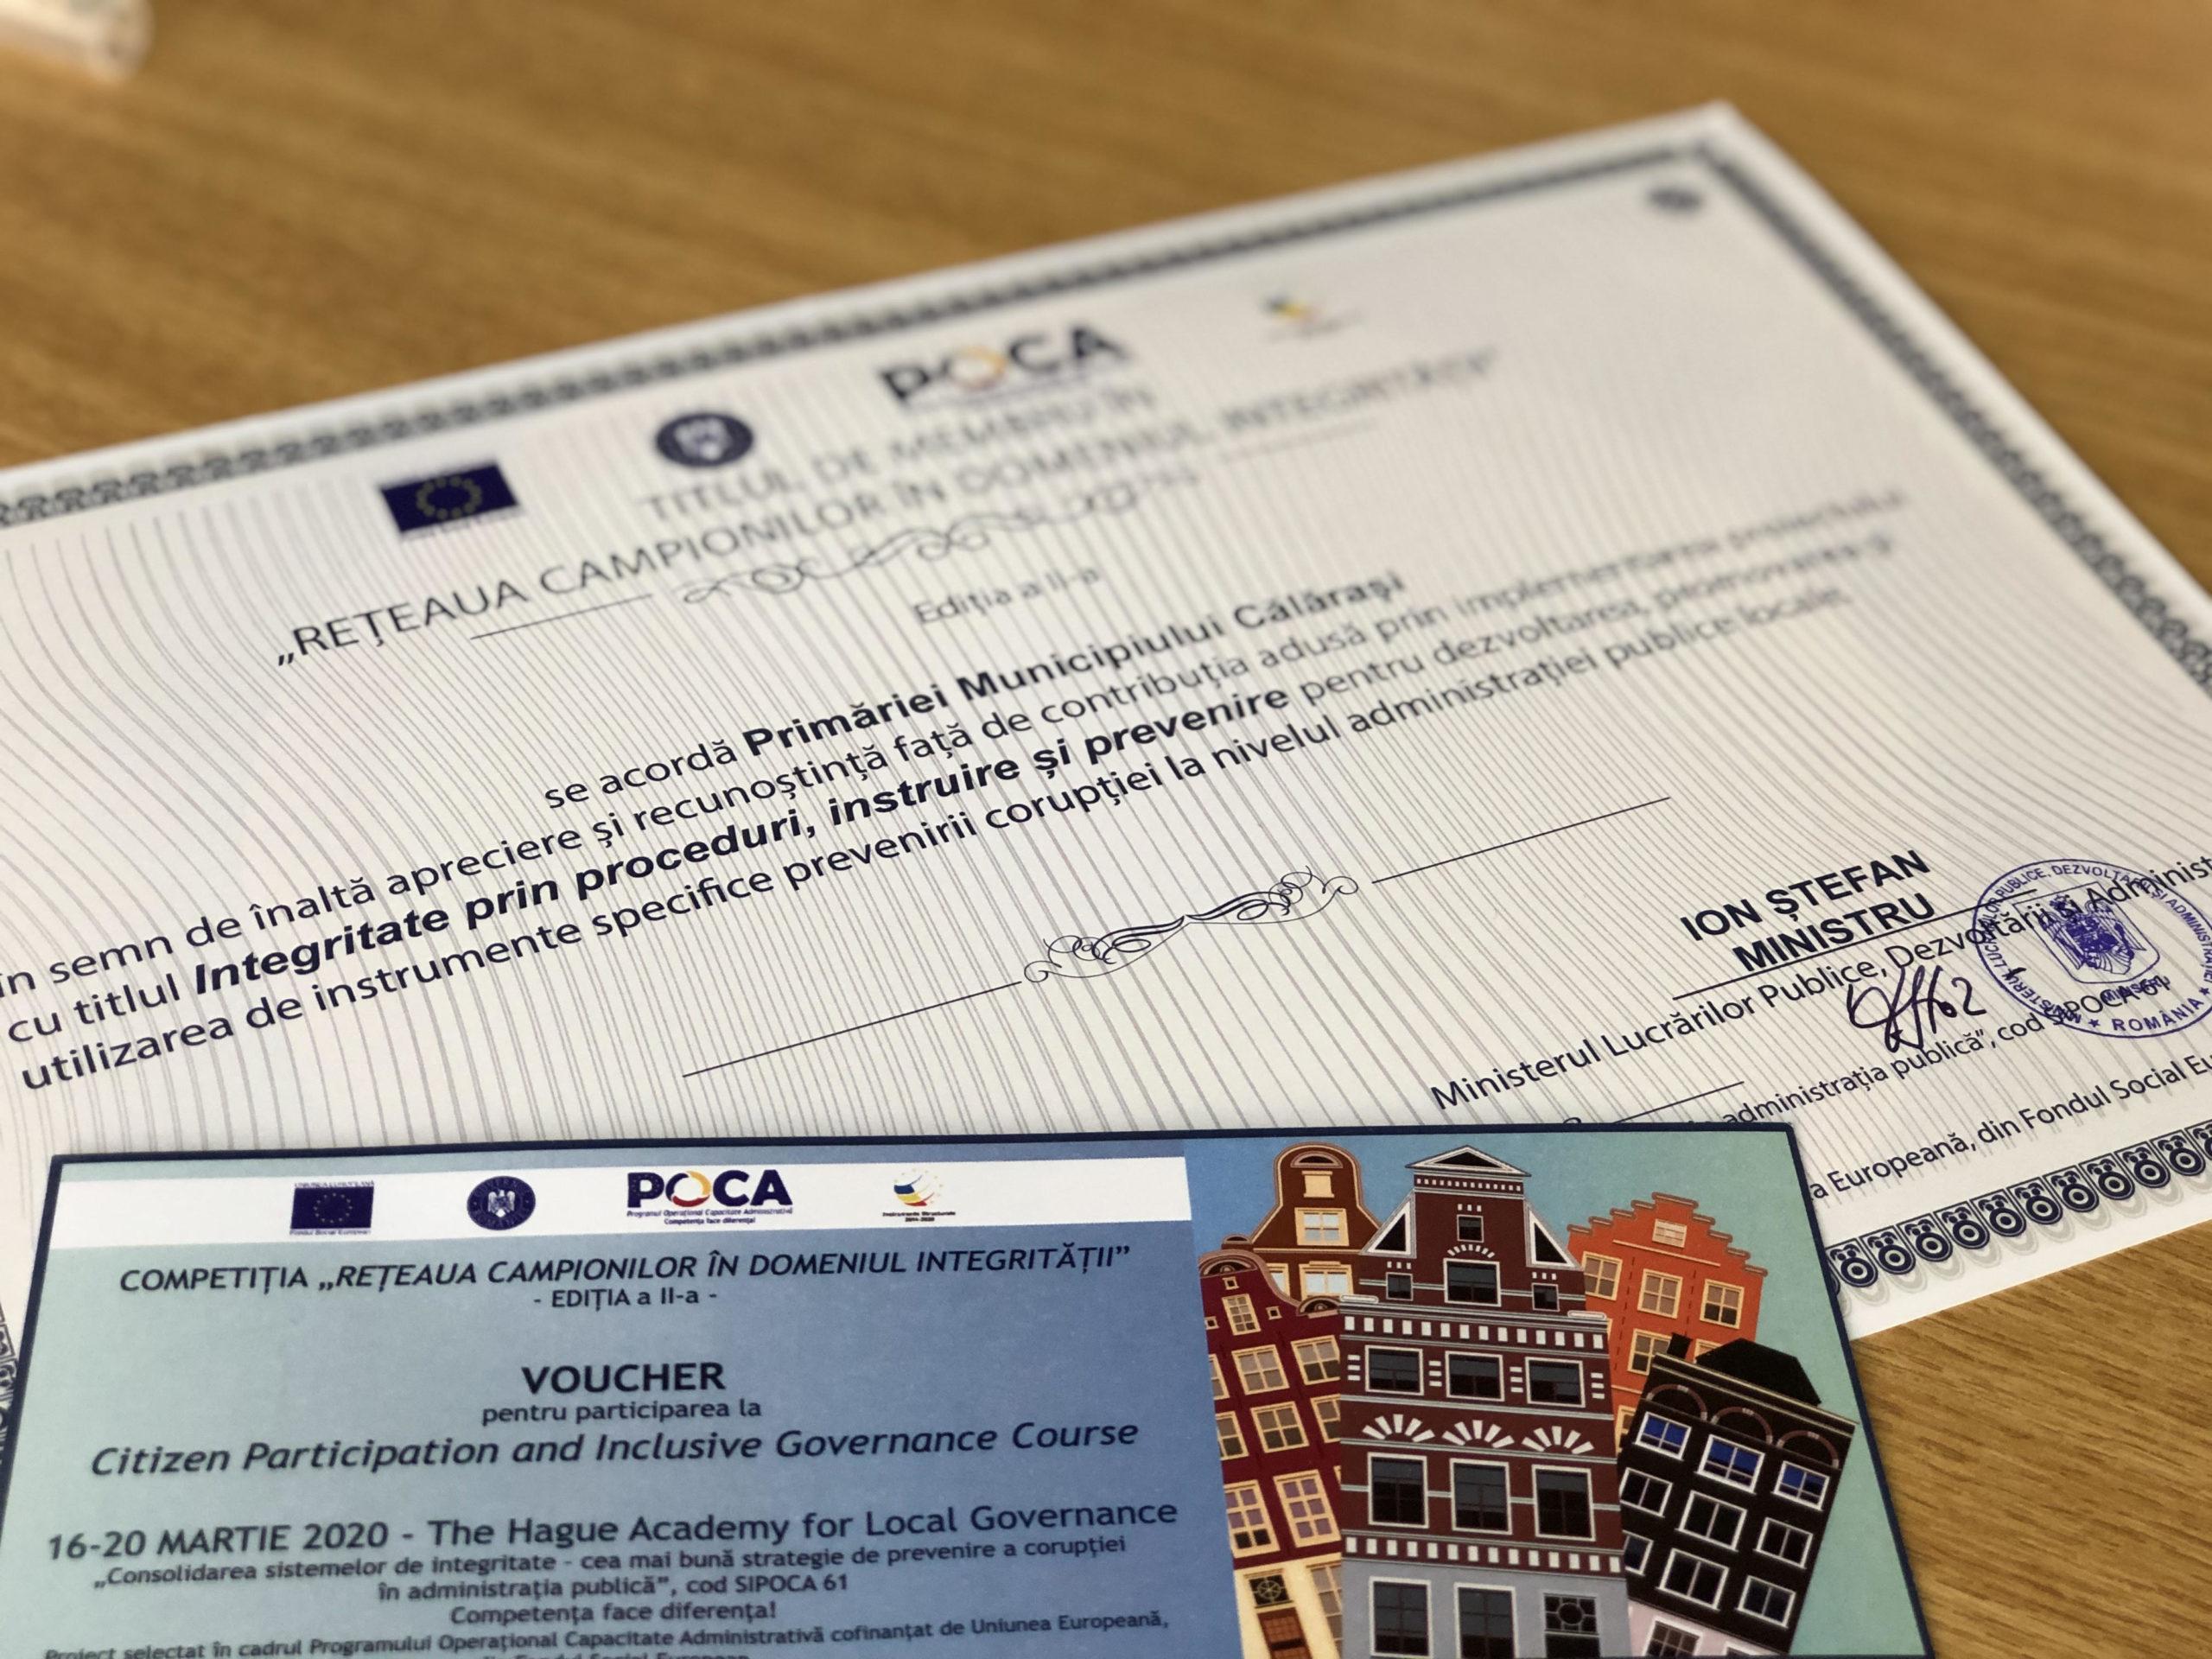 Premiul special obținut de Primăria Municipiului Călărași, în cadrul Rețelei campionilor în domeniul integrității